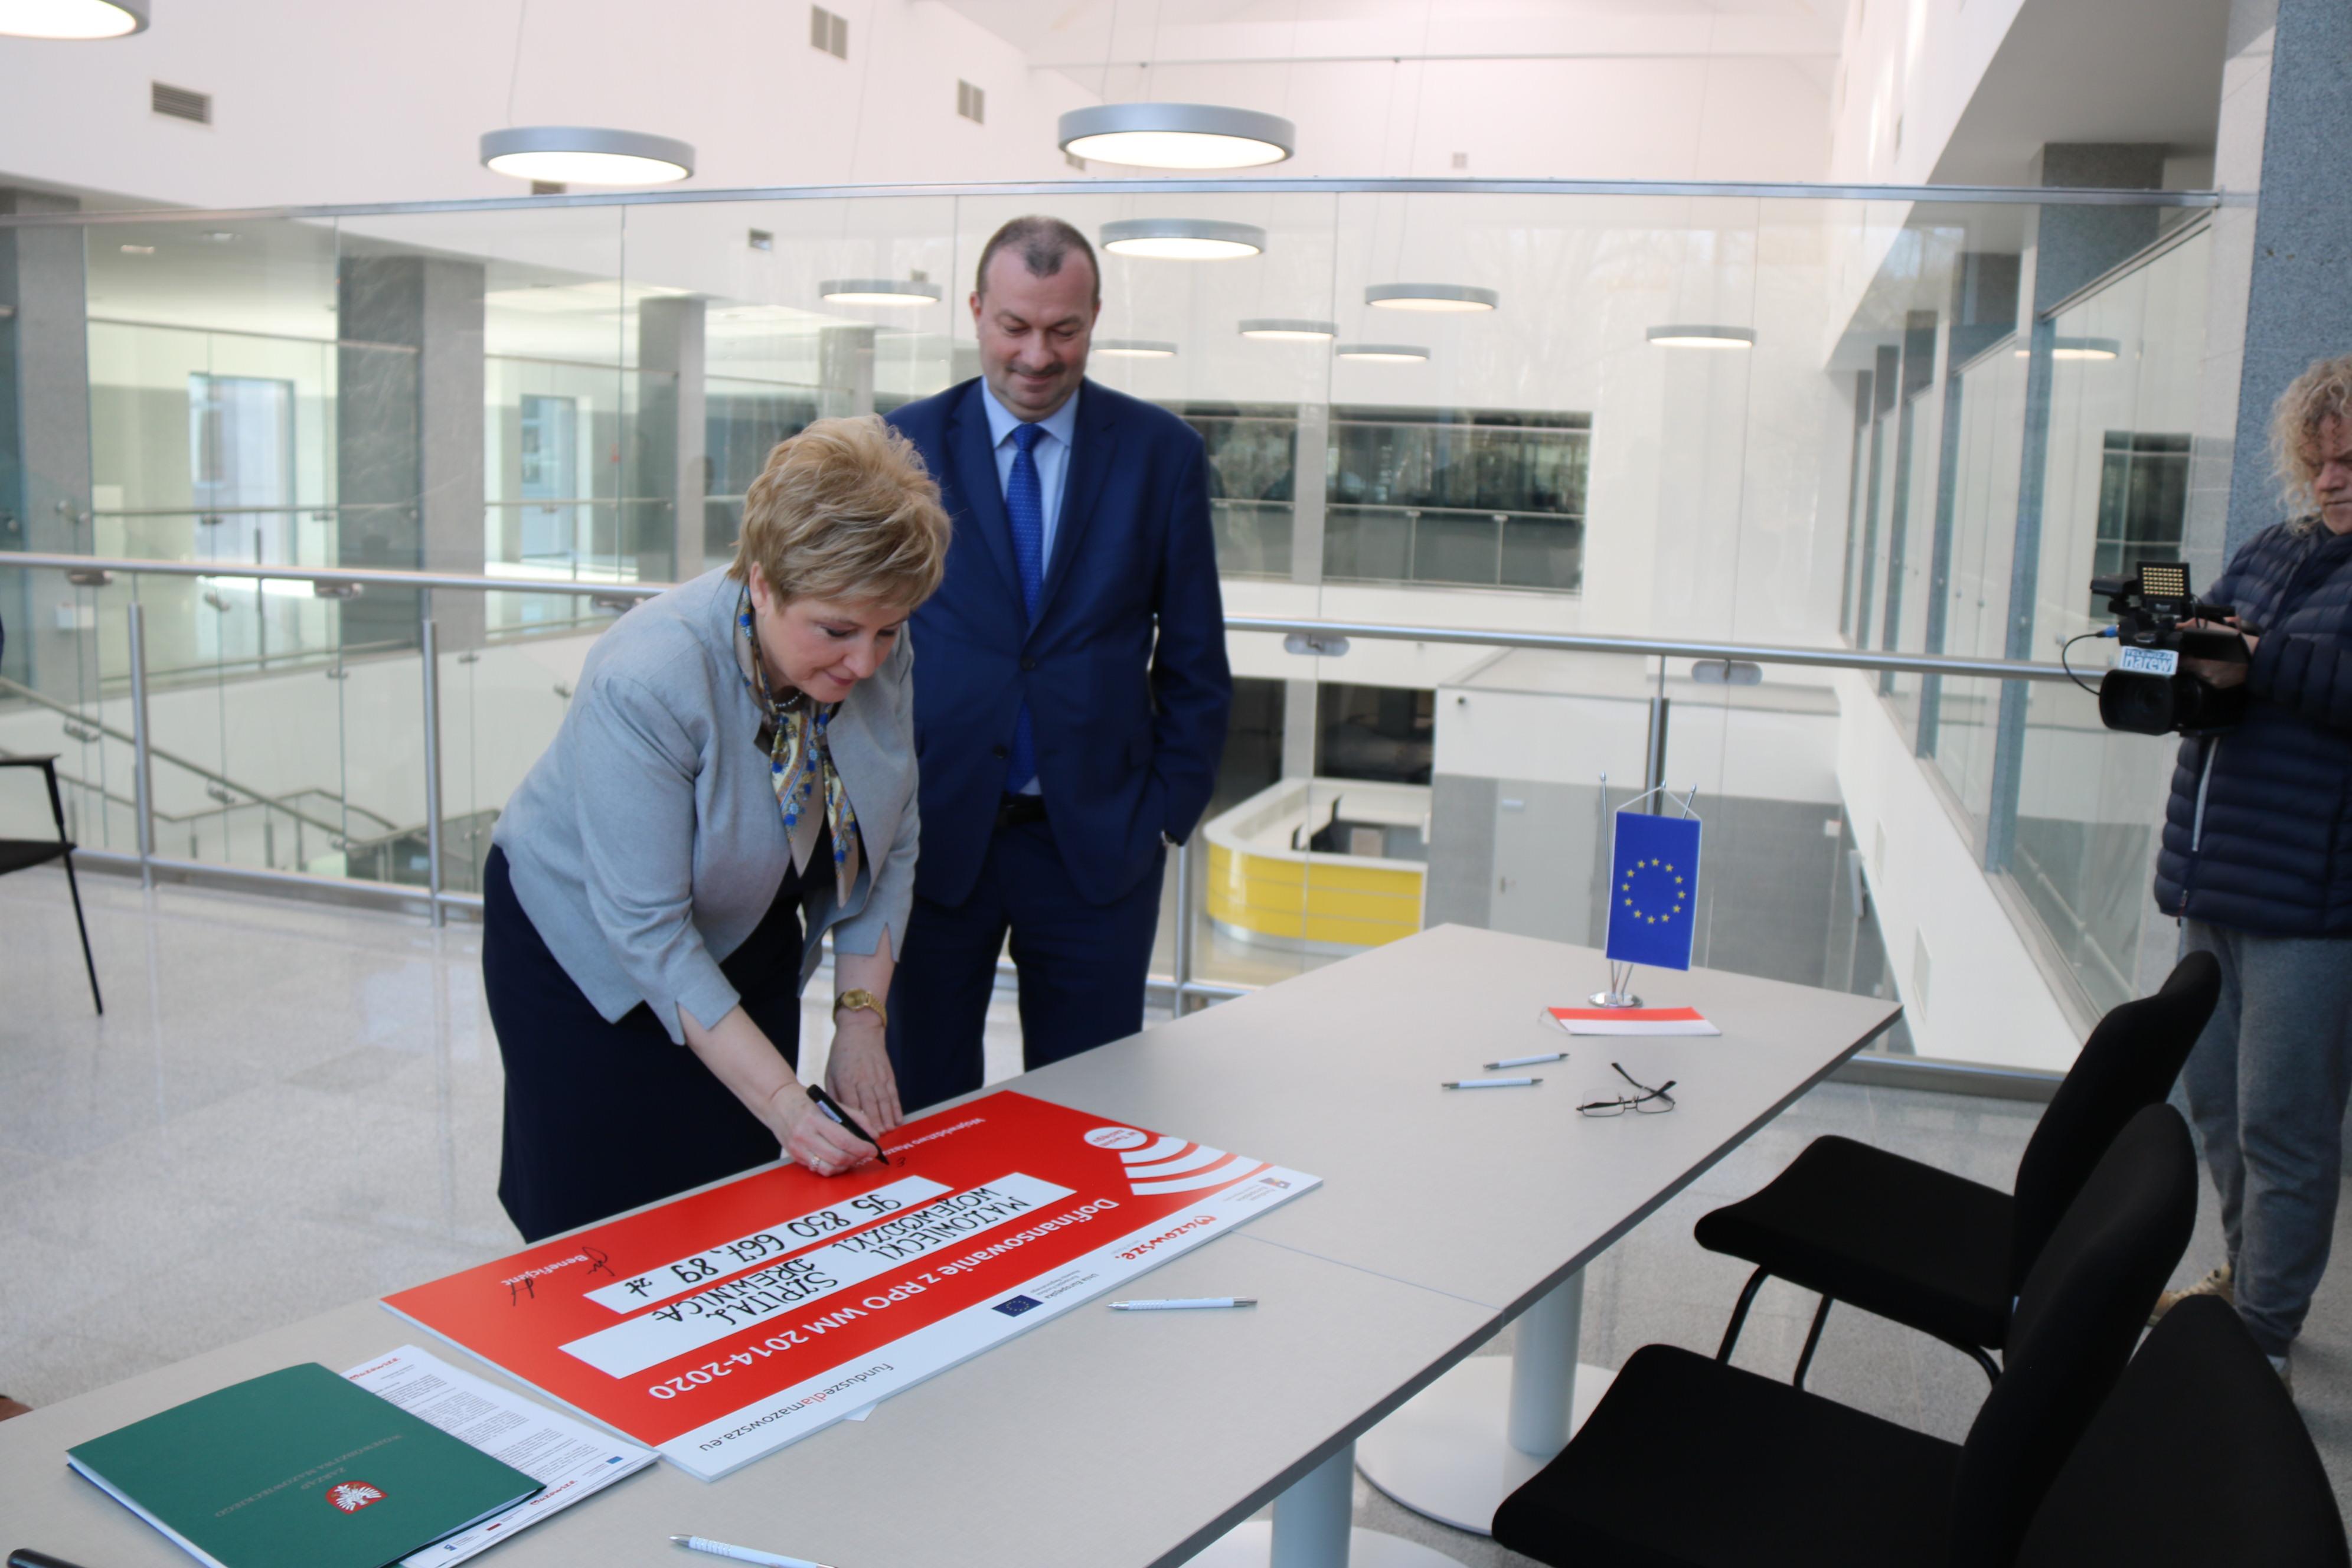 Uroczyste podpisanie umowy na dofinansowanie Mazowieckiego Szpitala Wojewódzkiego Drewnica